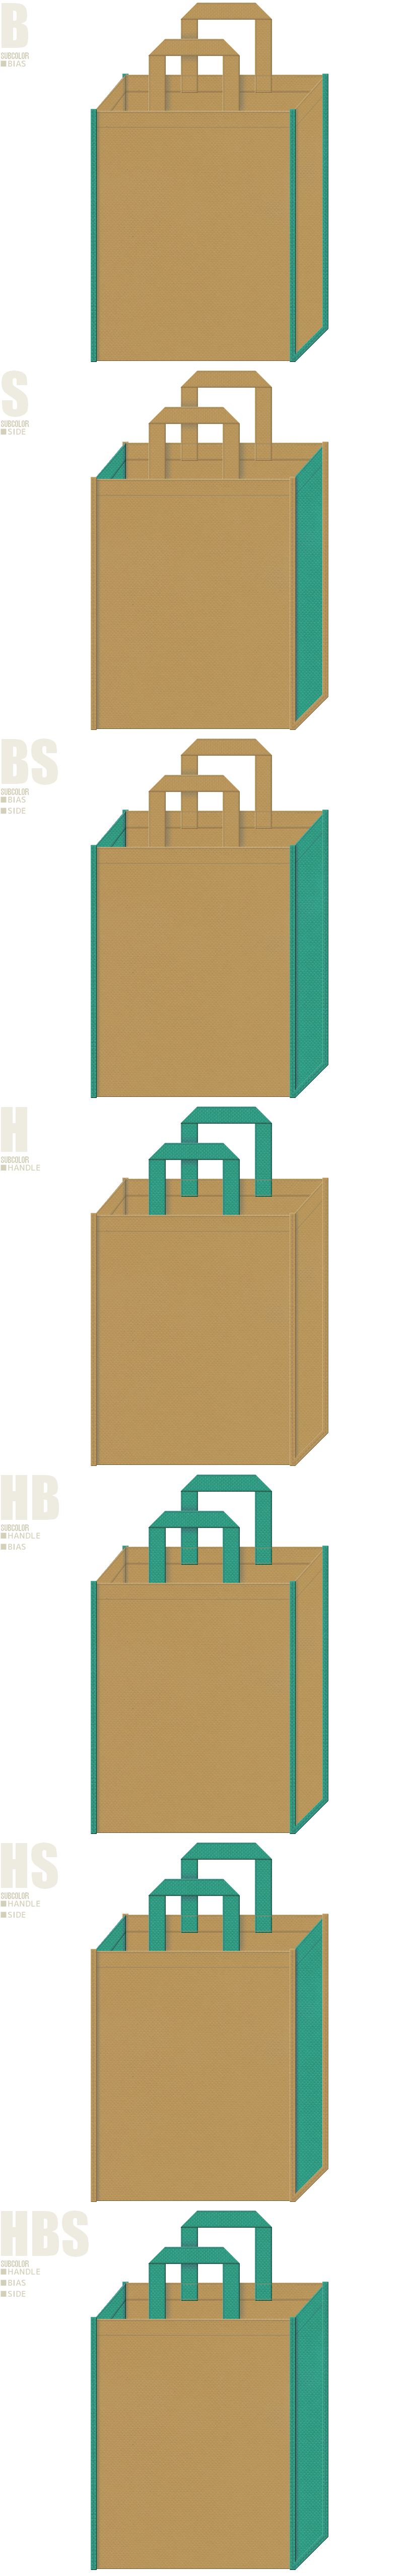 金色系黄土色と青緑色、7パターンの不織布トートバッグ配色デザイン例。ガーデニング用品の展示会用バッグにお奨めです。